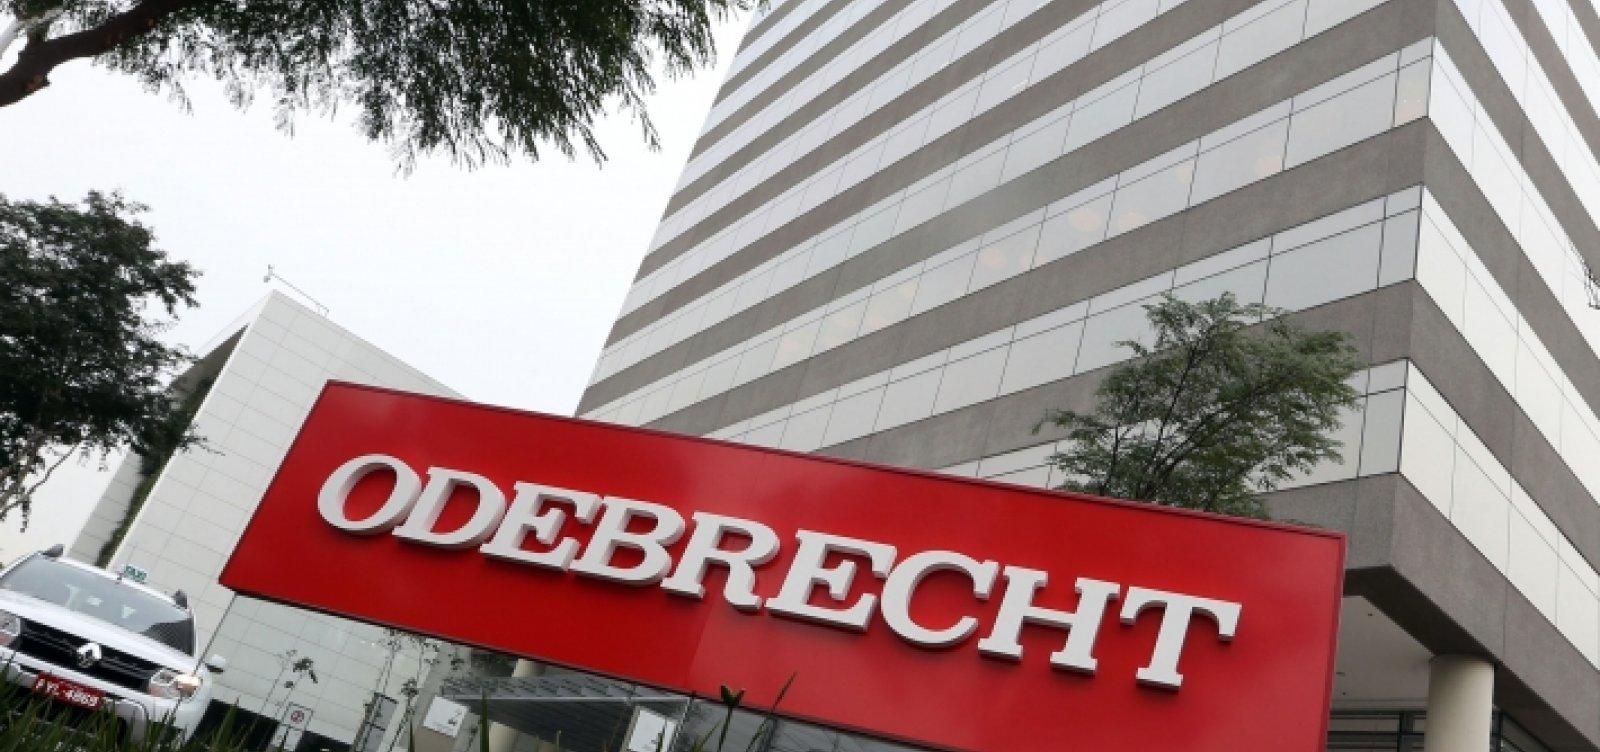 Documento revela 187 pagamentos da Odebrecht; baiano está na lista